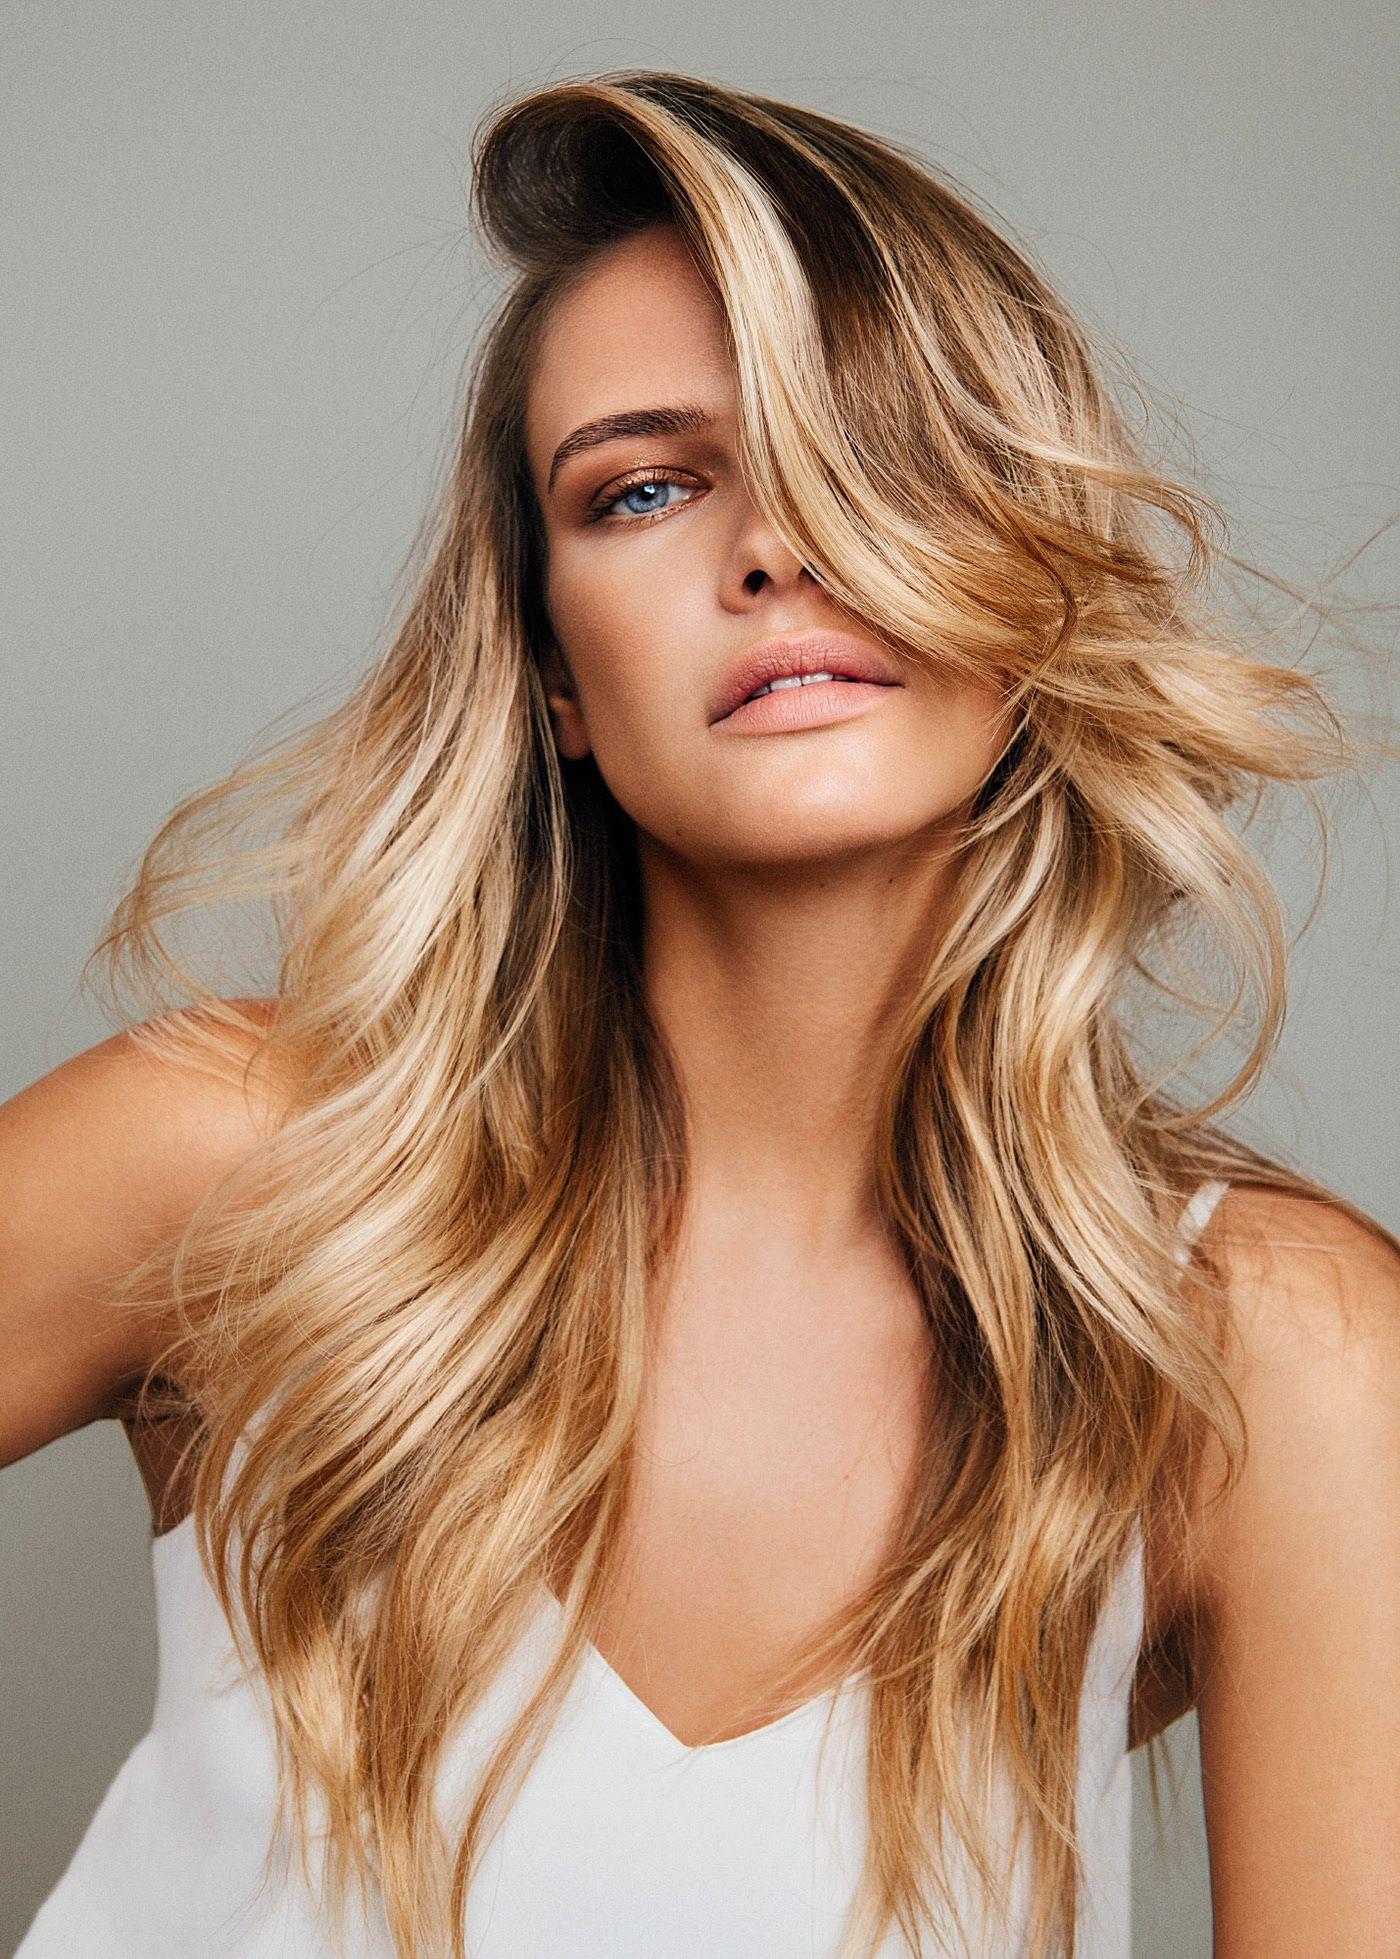 Regis Hair On Behance In 2020 Hair Dress Hairstyles Long Hair Styles